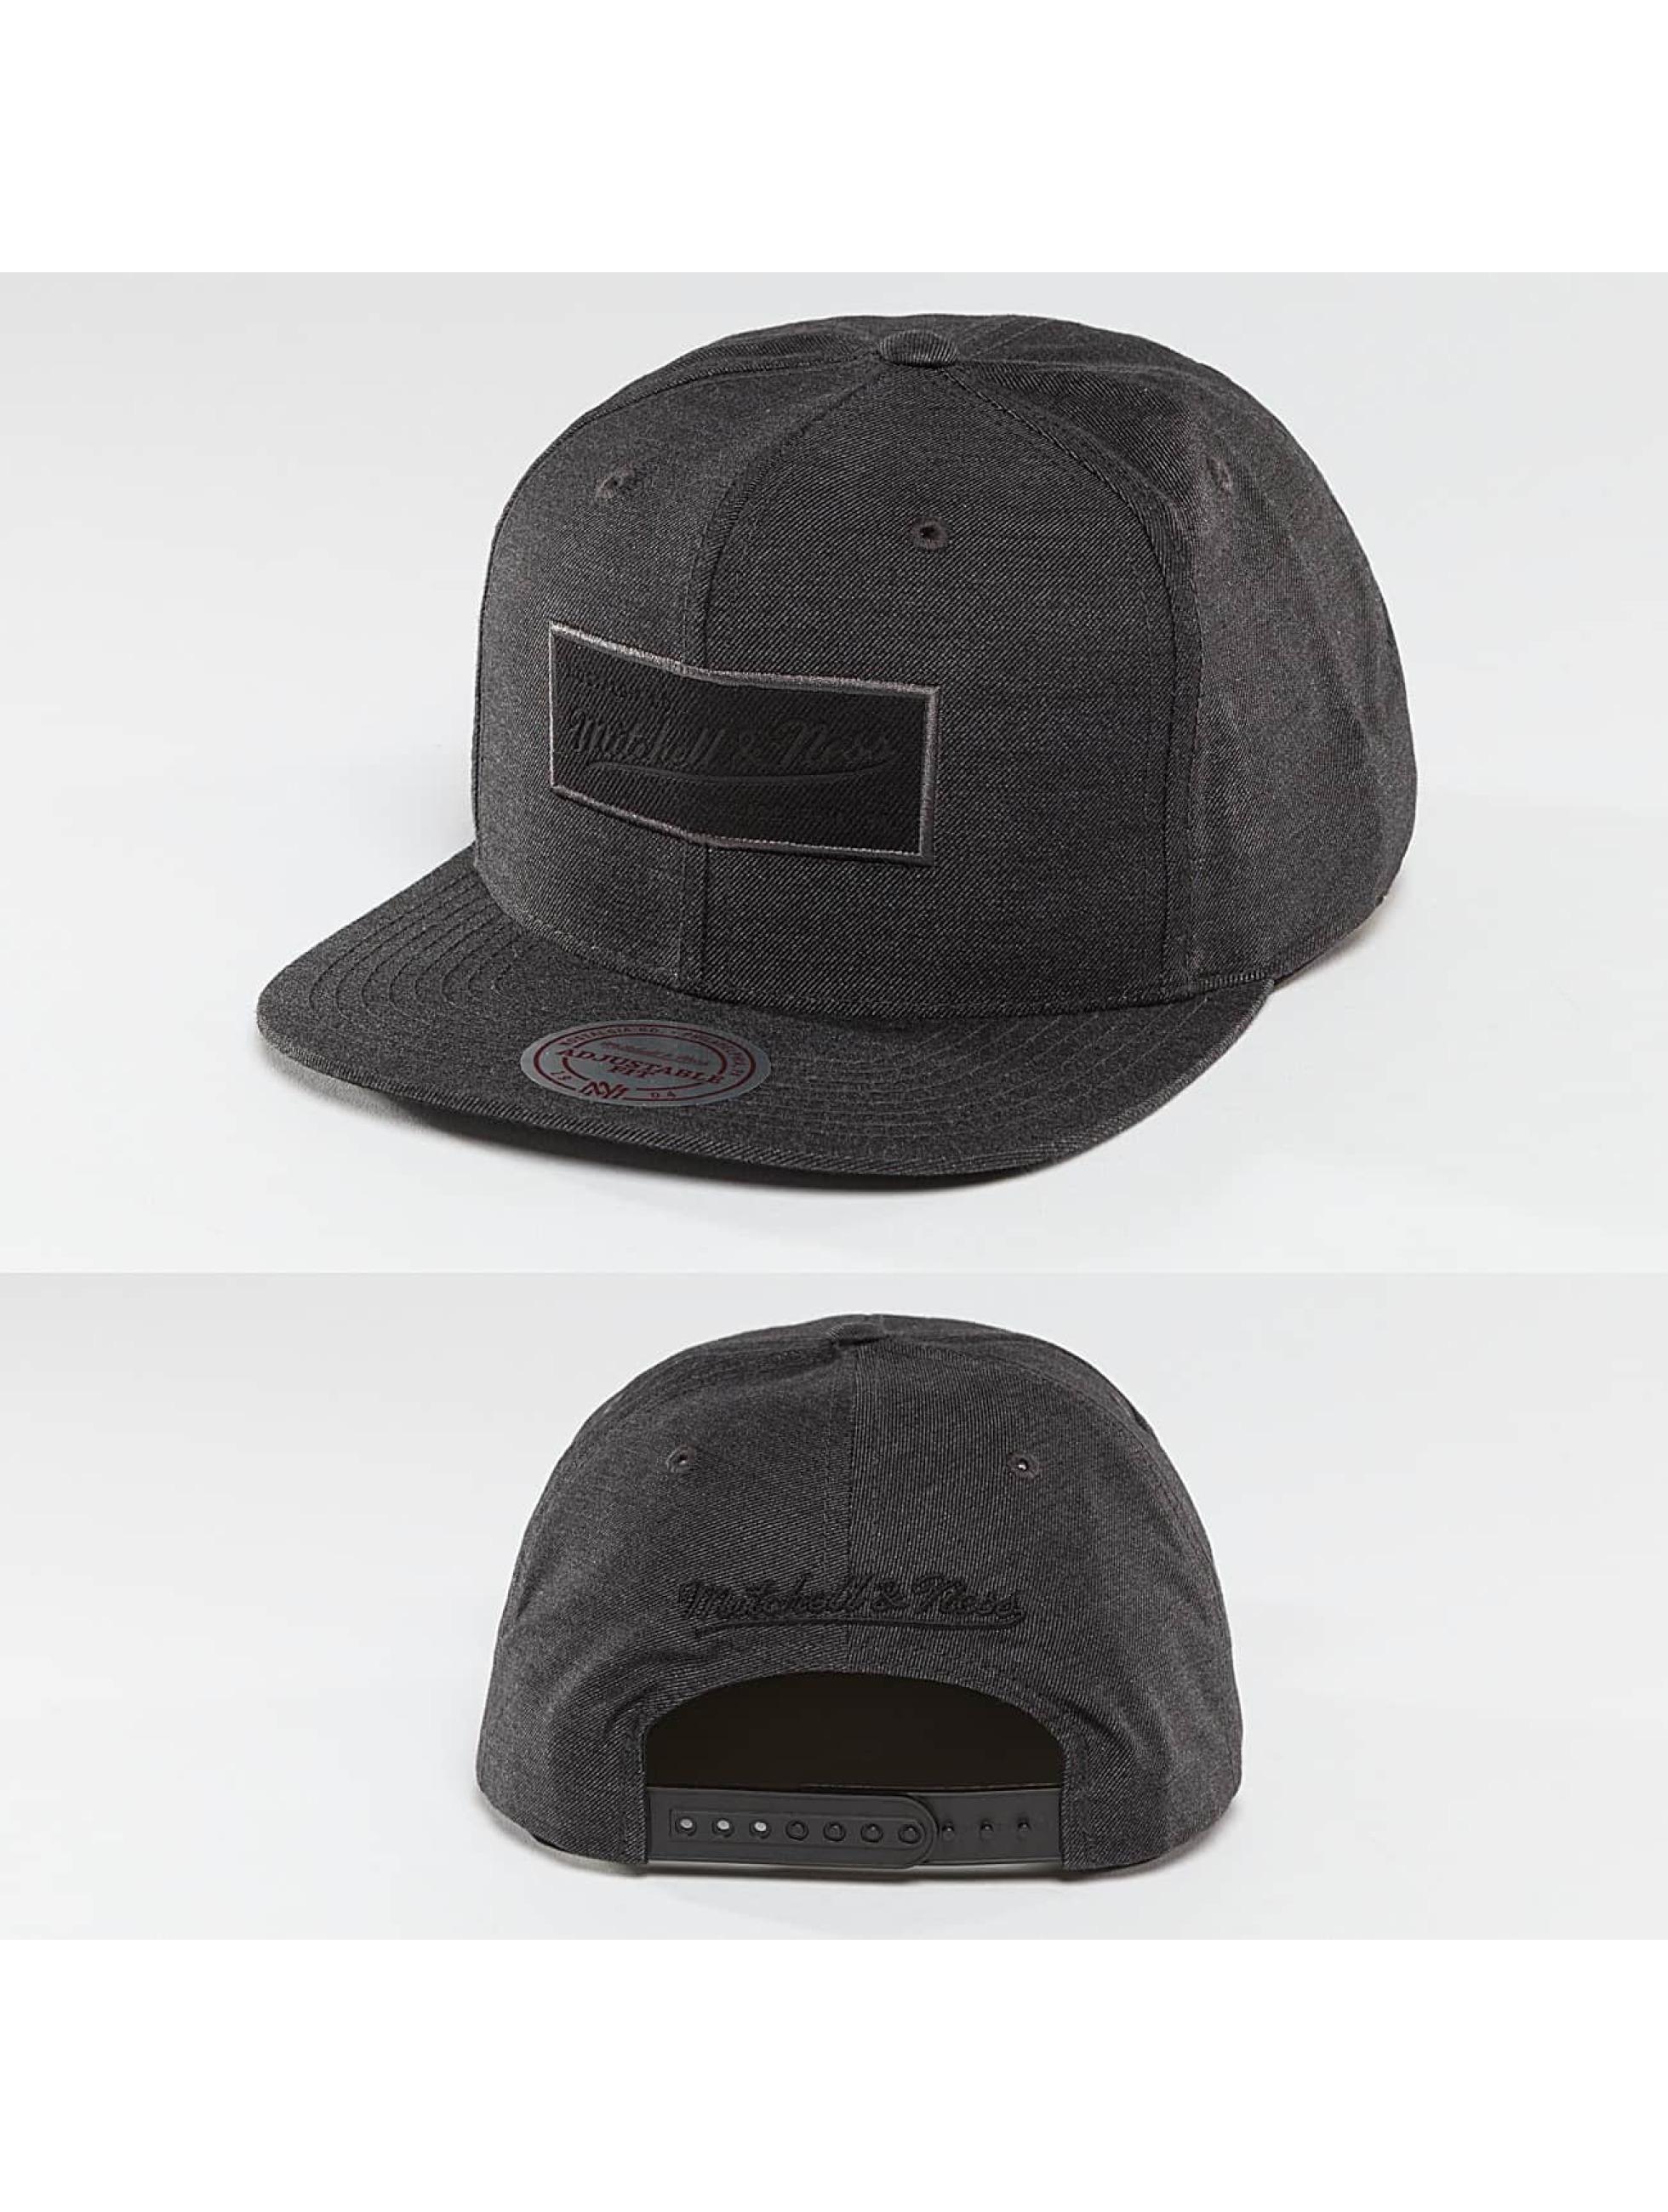 Mitchell & Ness Männer,Frauen Snapback Cap Cut Heather in schwarz